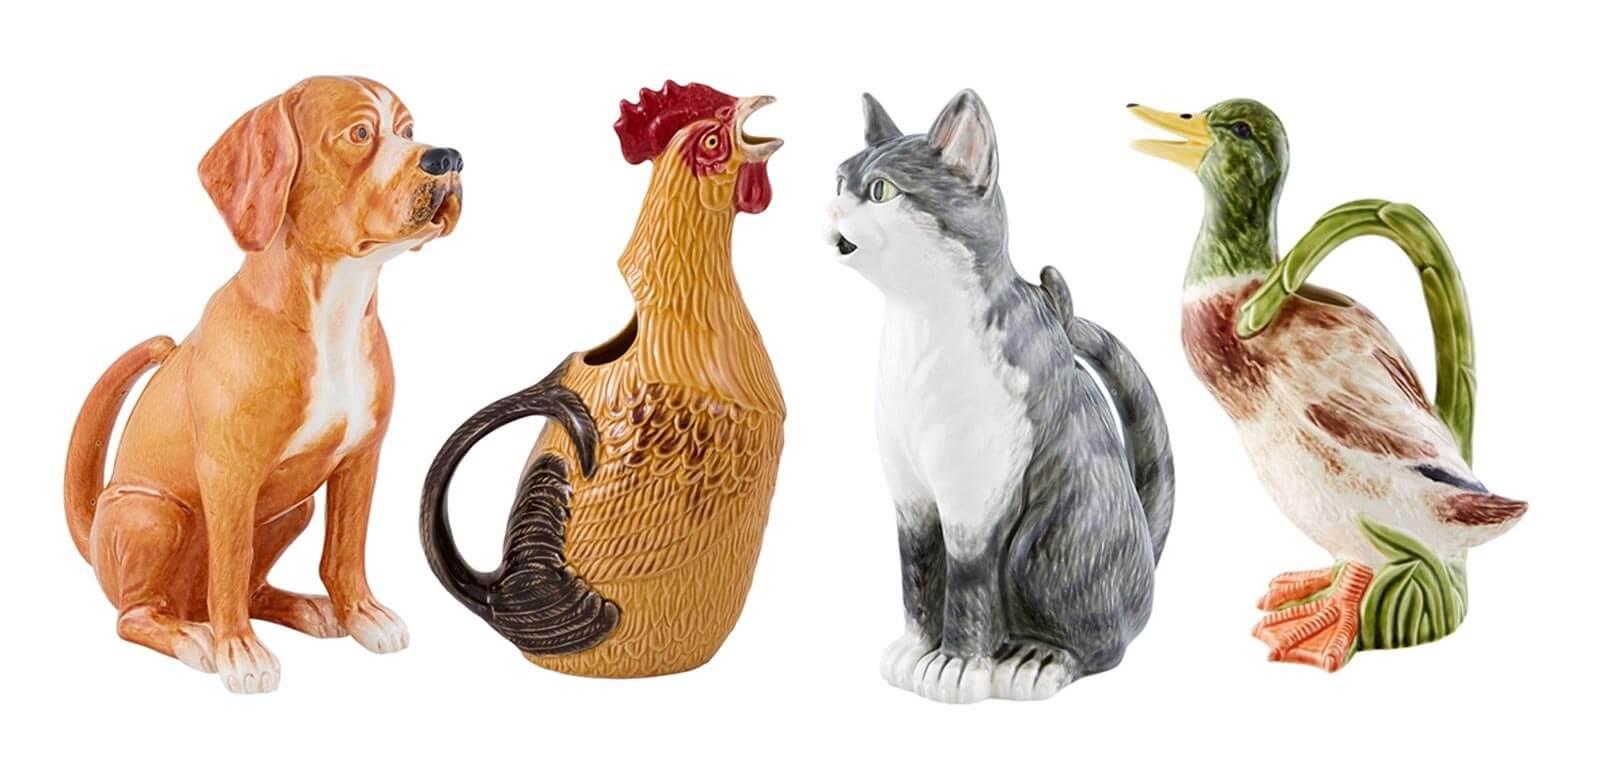 Коллекция Животные Bordallo Pinheiro - купить посуду в интернет-магазине Glavfish